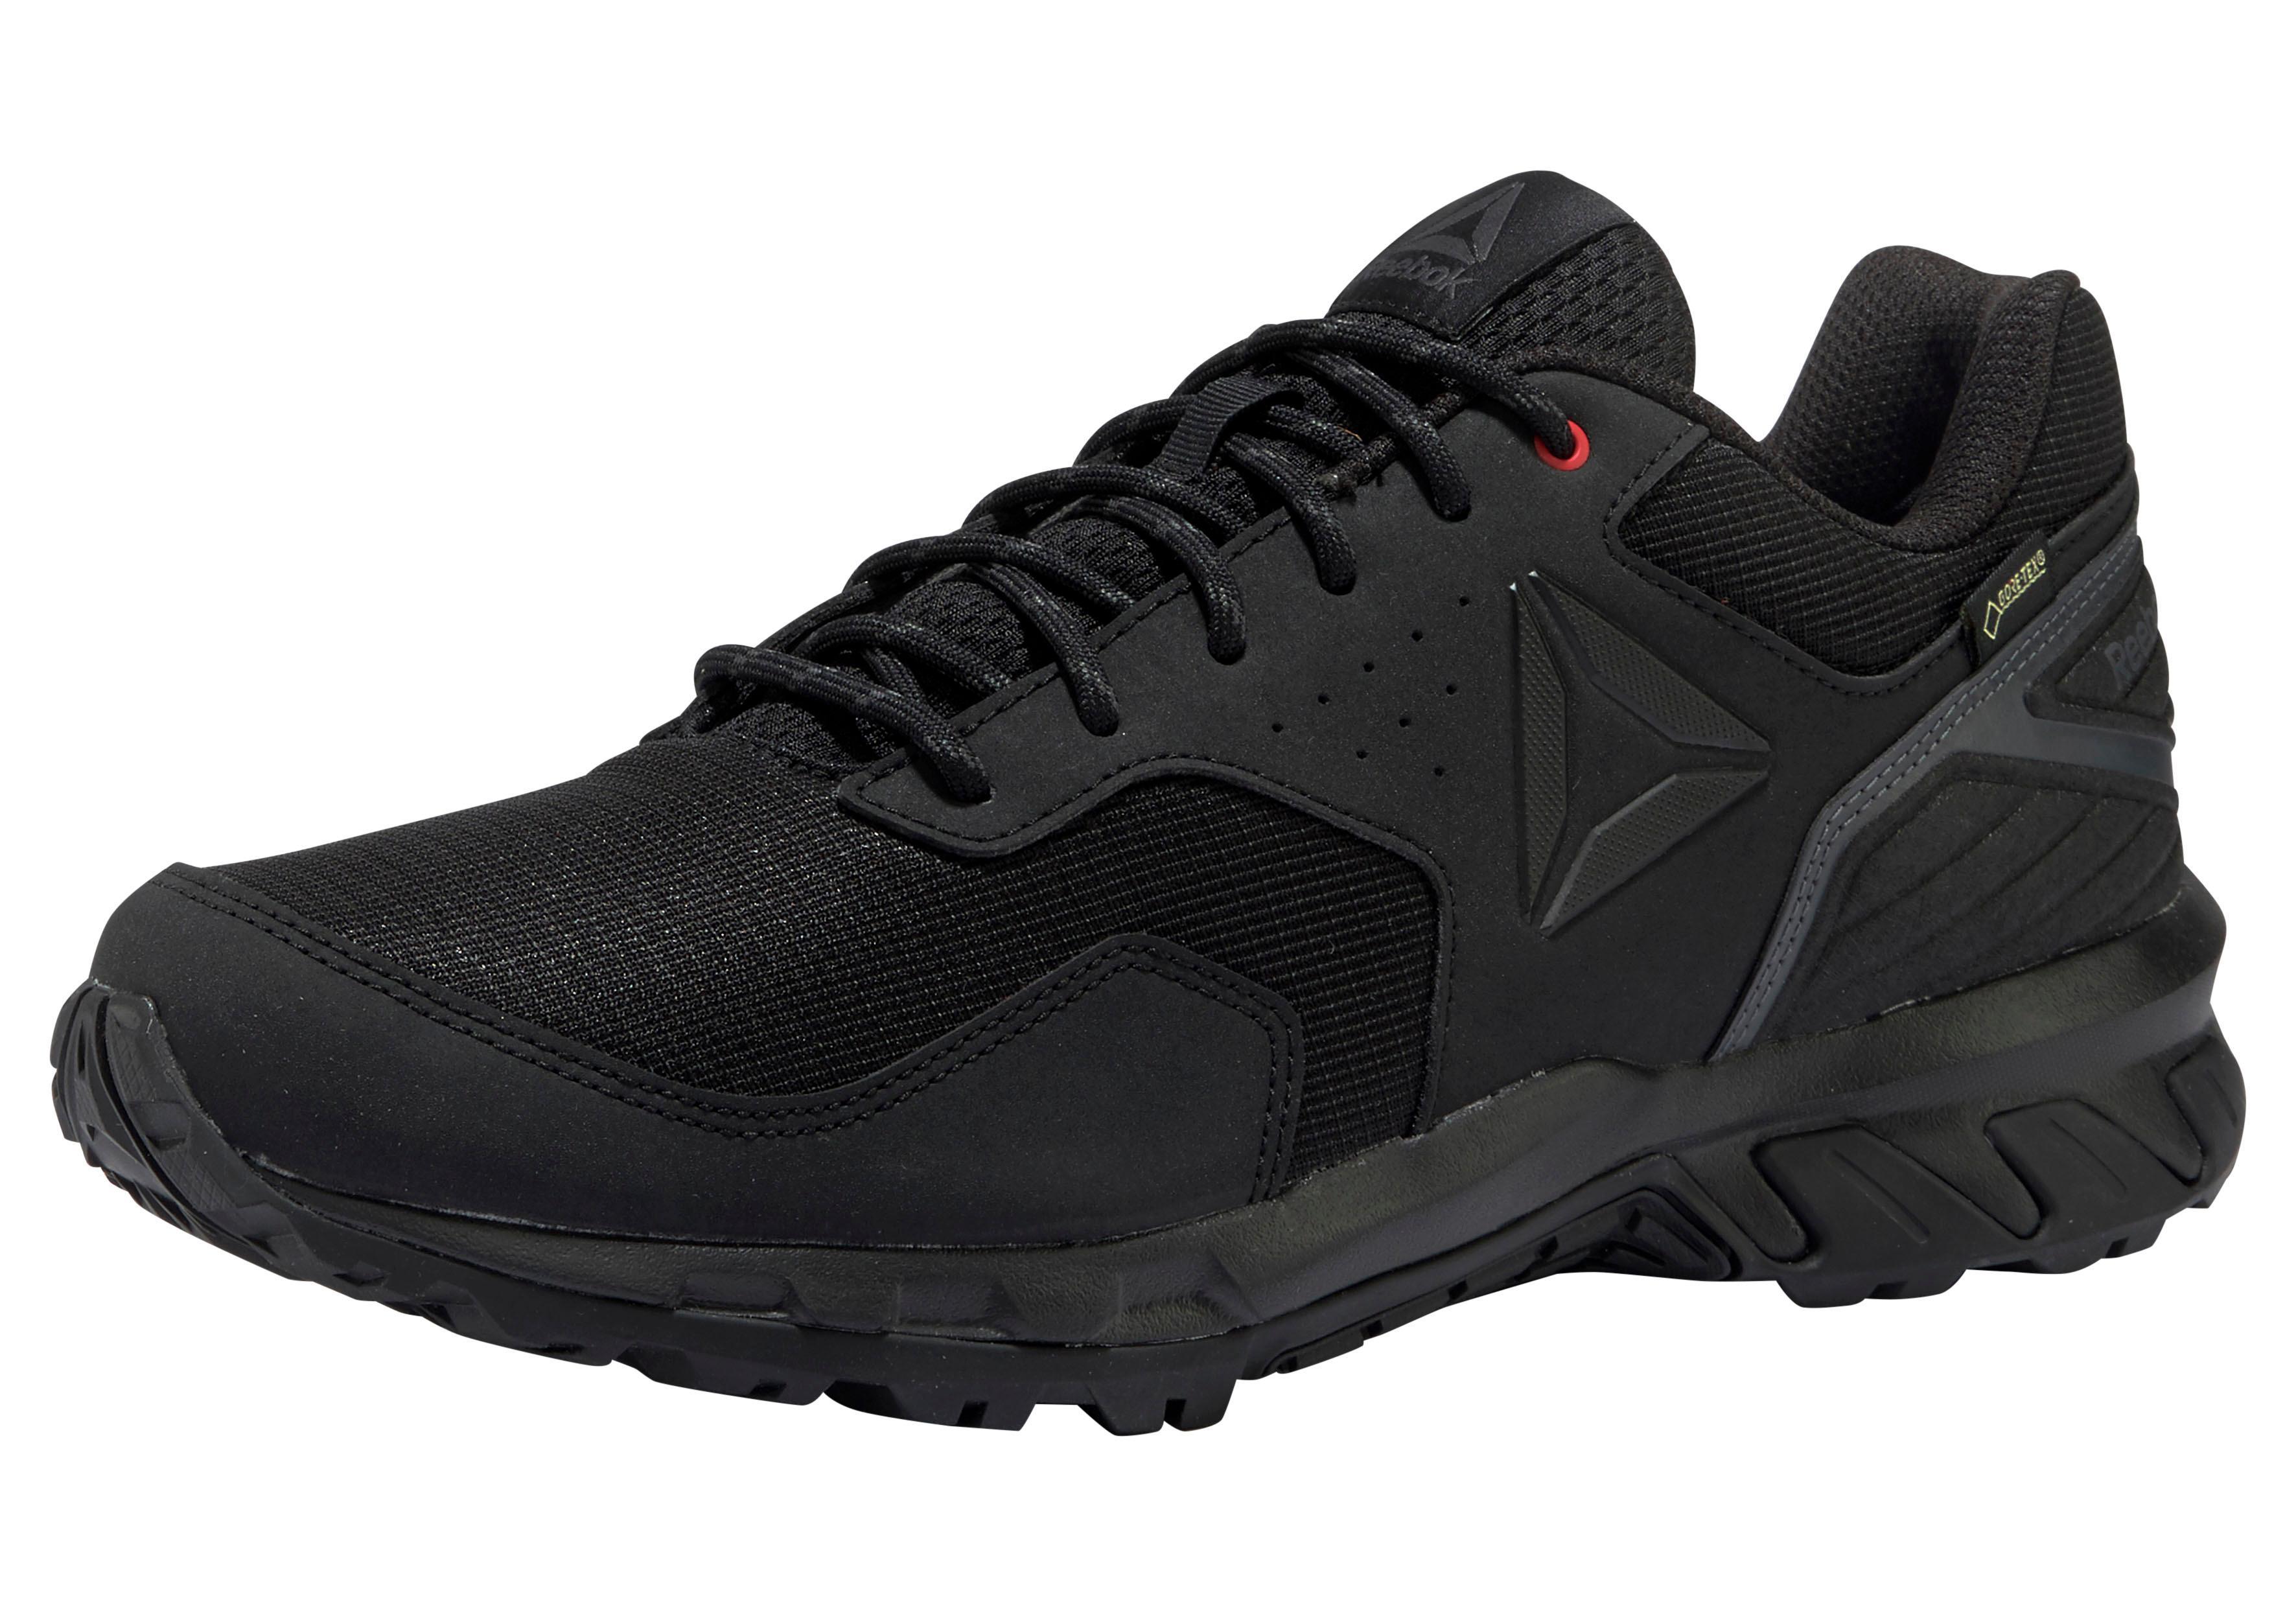 5aefc741aeff6 Reebok Walkingschuh »RIDGERIDER TRAIL 4.0 GORETEX M« für Herren